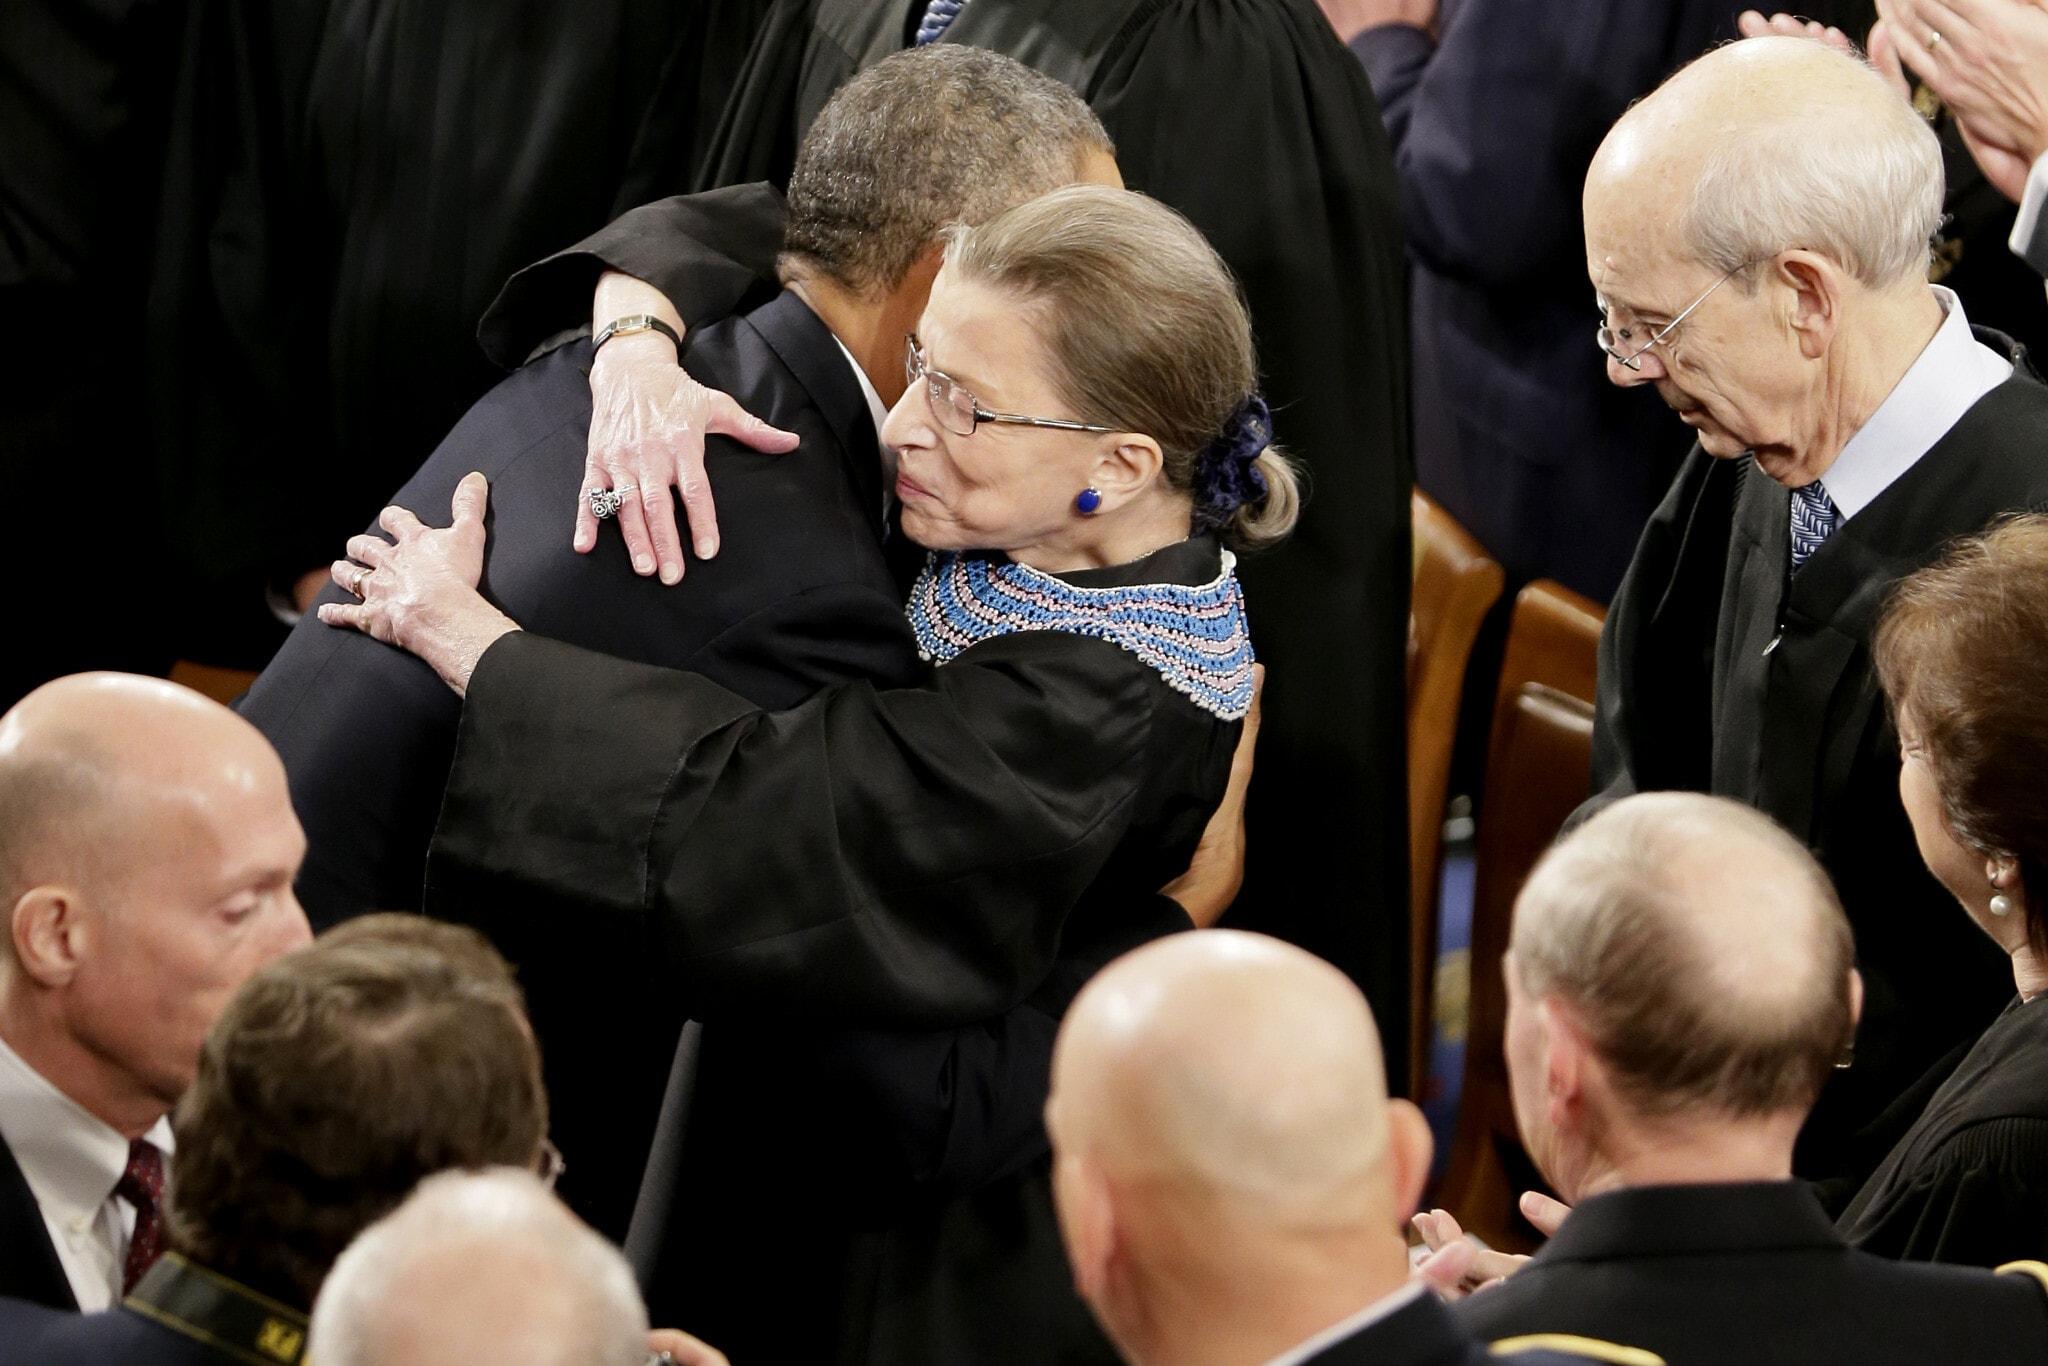 רות ביידר גינזבורג מחבקת את ברק אובמה אחרי הנאום לאומה שנשא בגבעת הקפיטול ב-28 בינואר 2014 (צילום: AP Photo/J. Scott Applewhite)